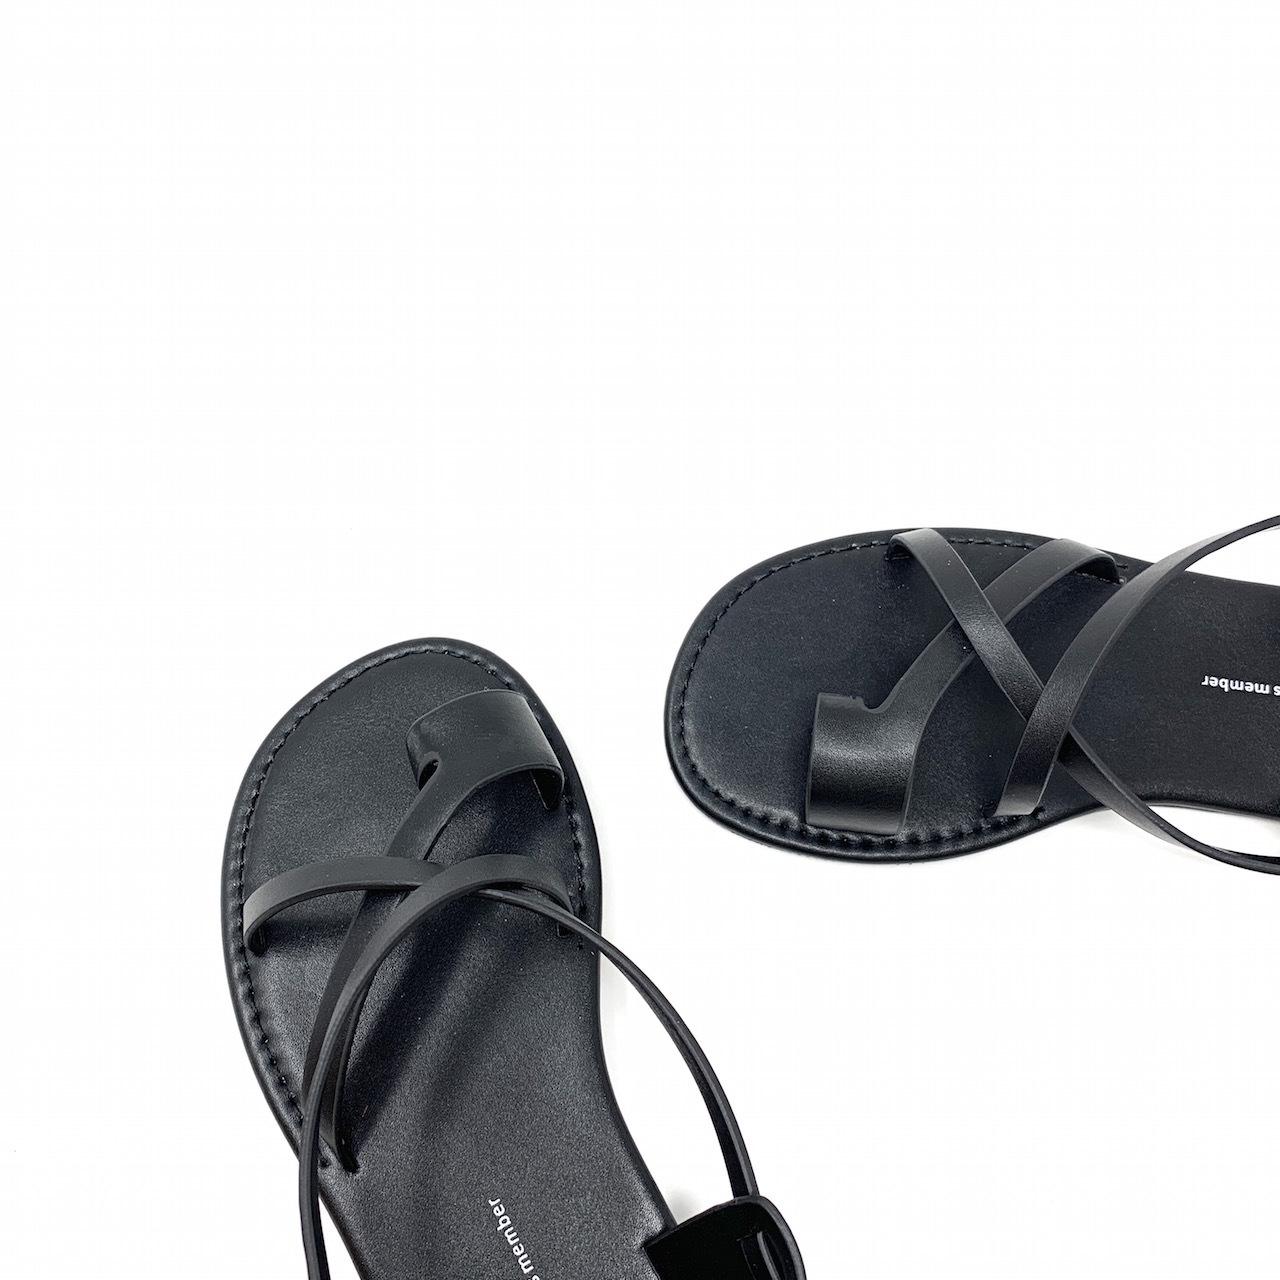 Cross Strap Tong Sandal  |クロスストラップトングサンダル| #kr0030|ブラック